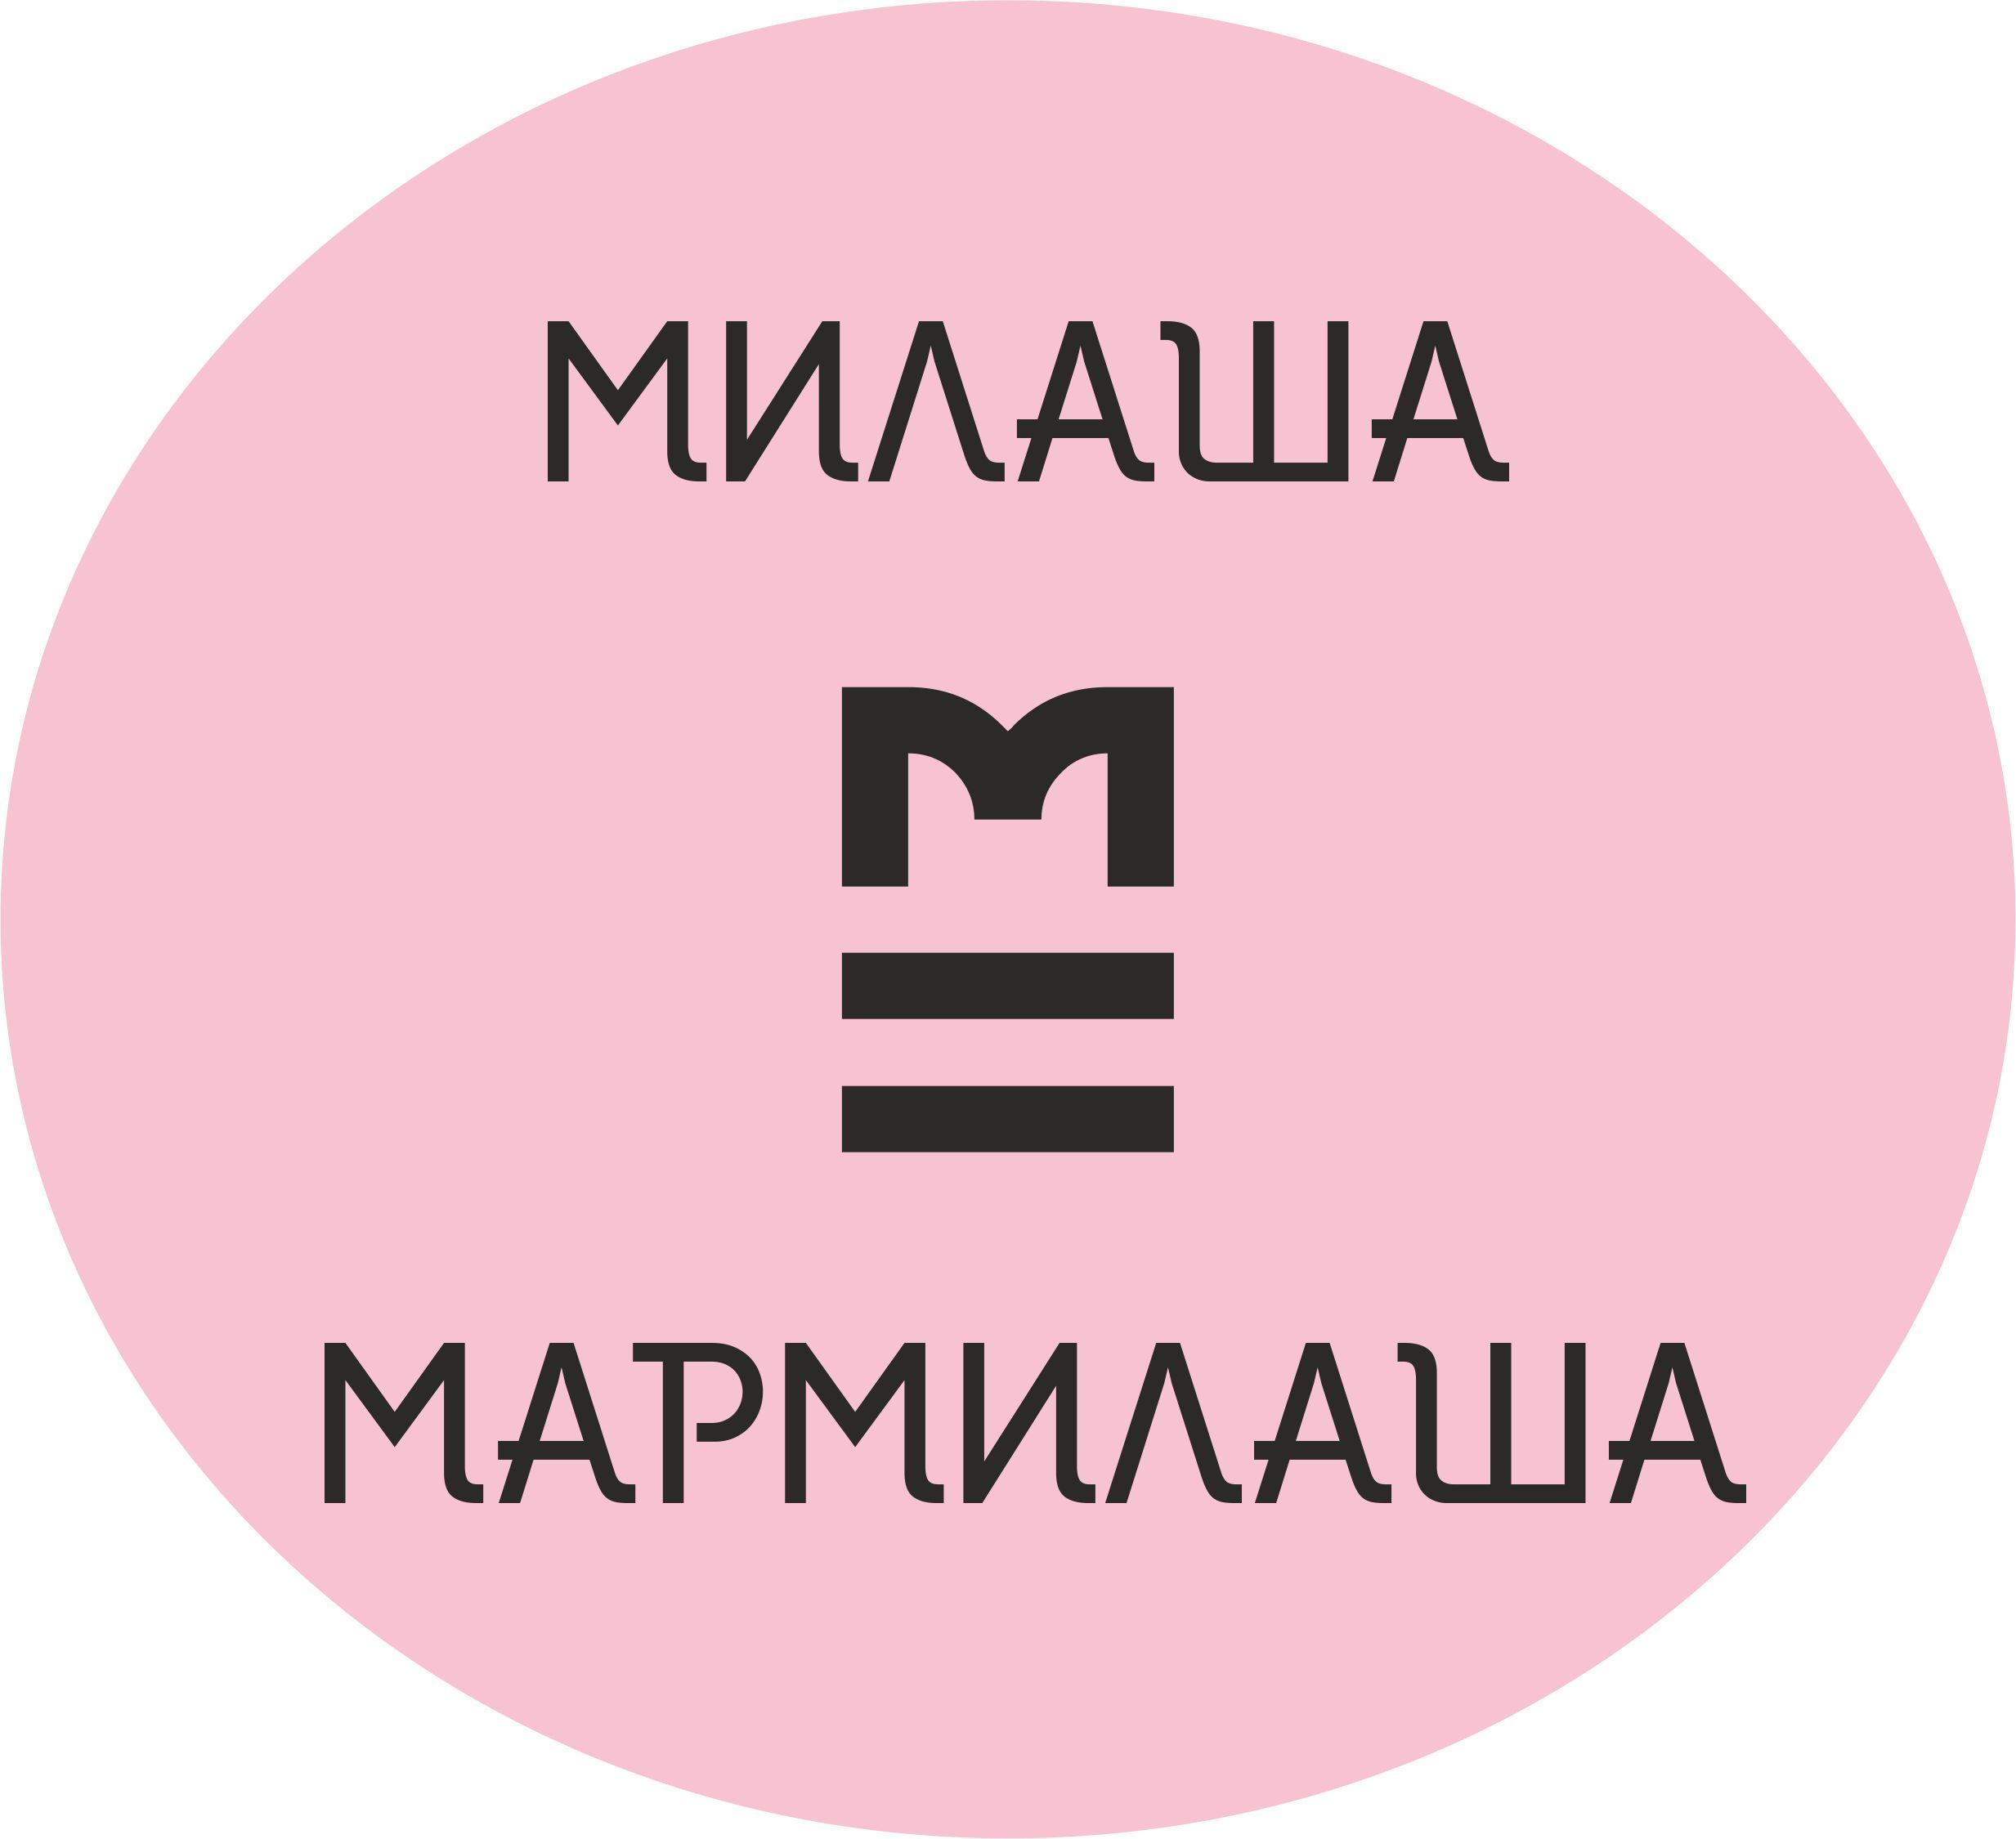 """Логотип для товарного знака """"Милаша-Мармилаша"""" фото f_1285876627176fe9.jpg"""